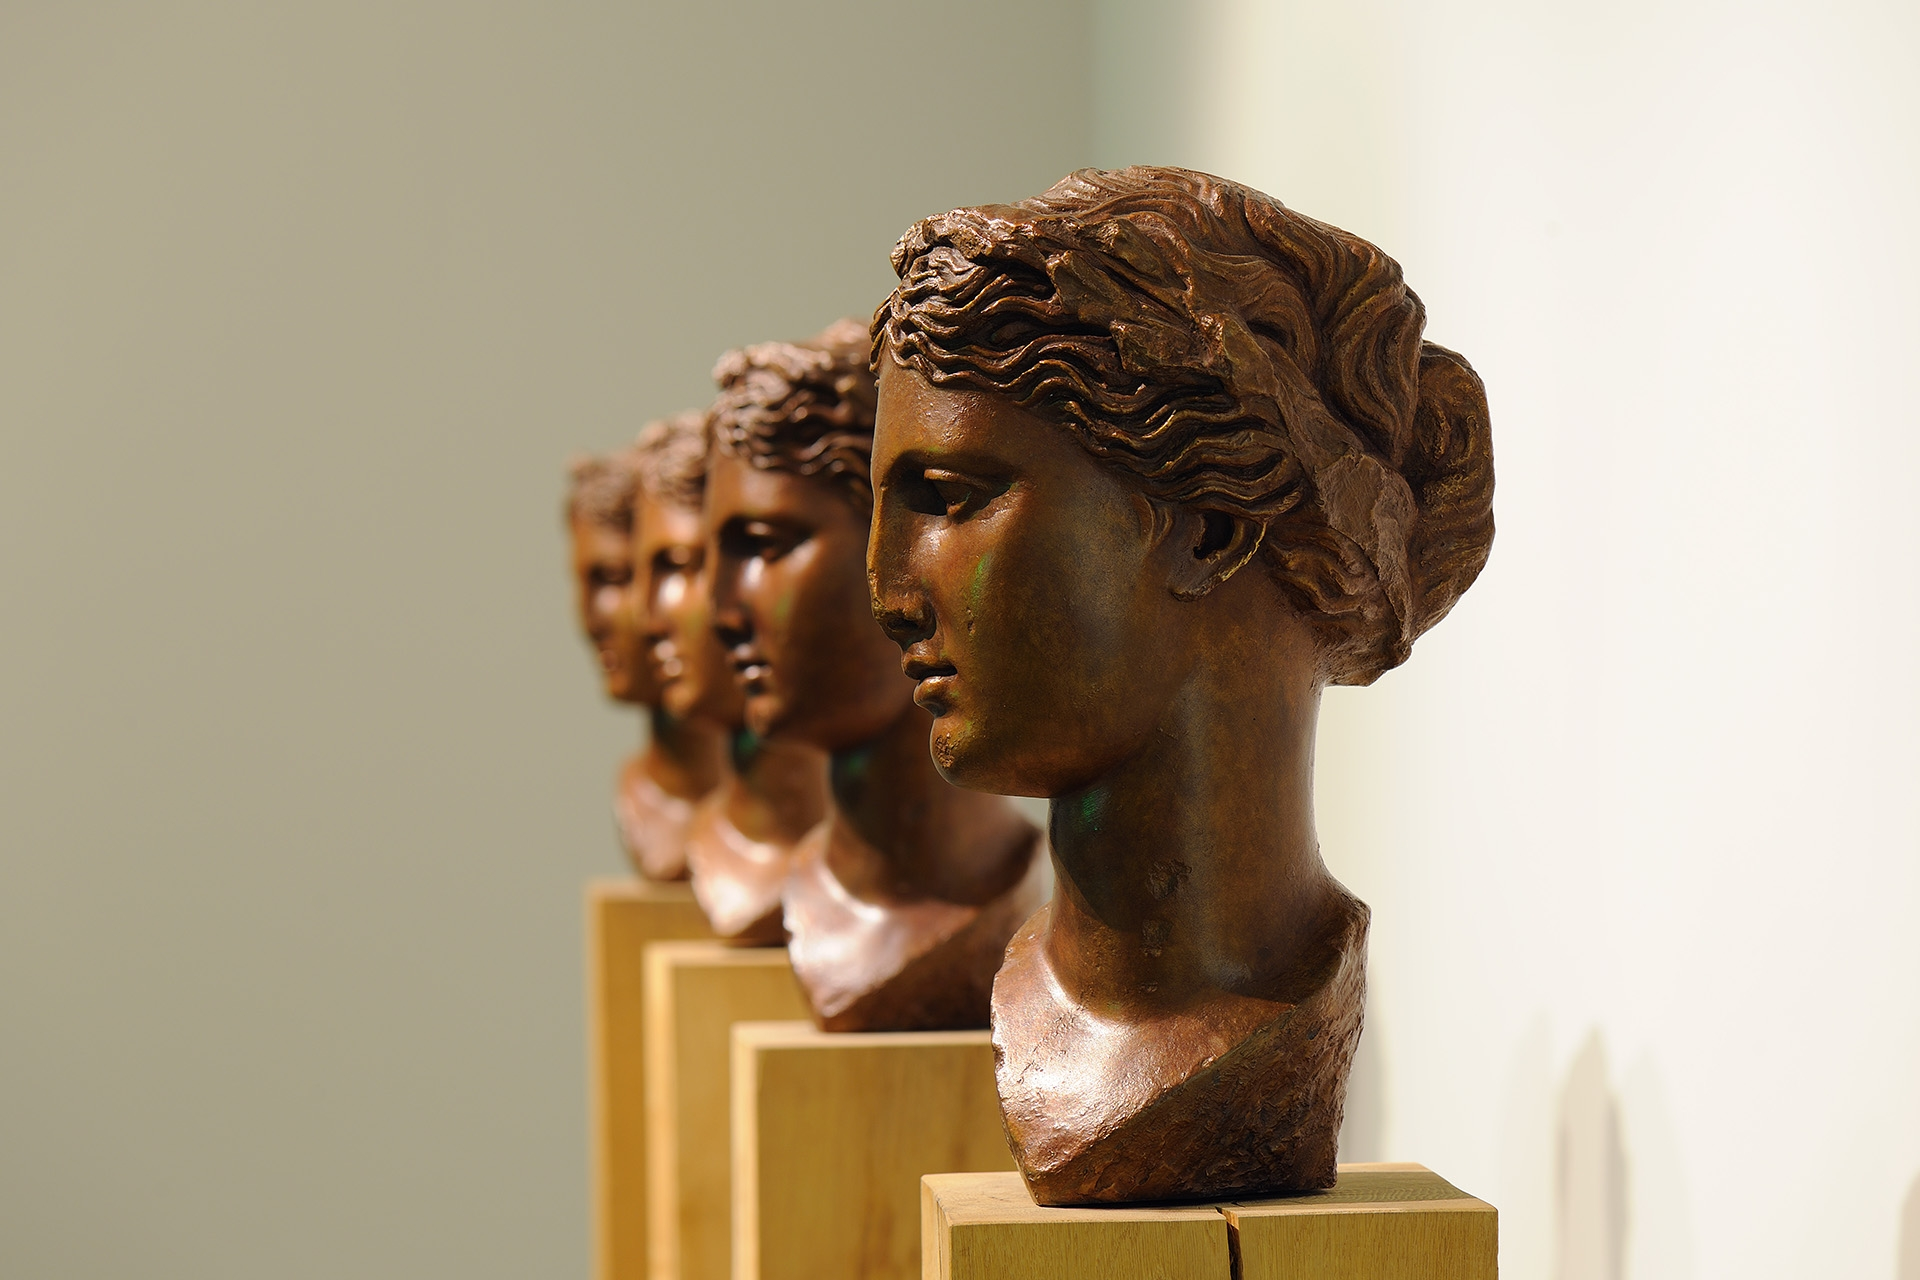 4 Muses, 2006 with Peter Coates, Bronze on oak plinth, 36 x 24 x 24 cm each on 20 x 20 x 140 cm plinth, Unique